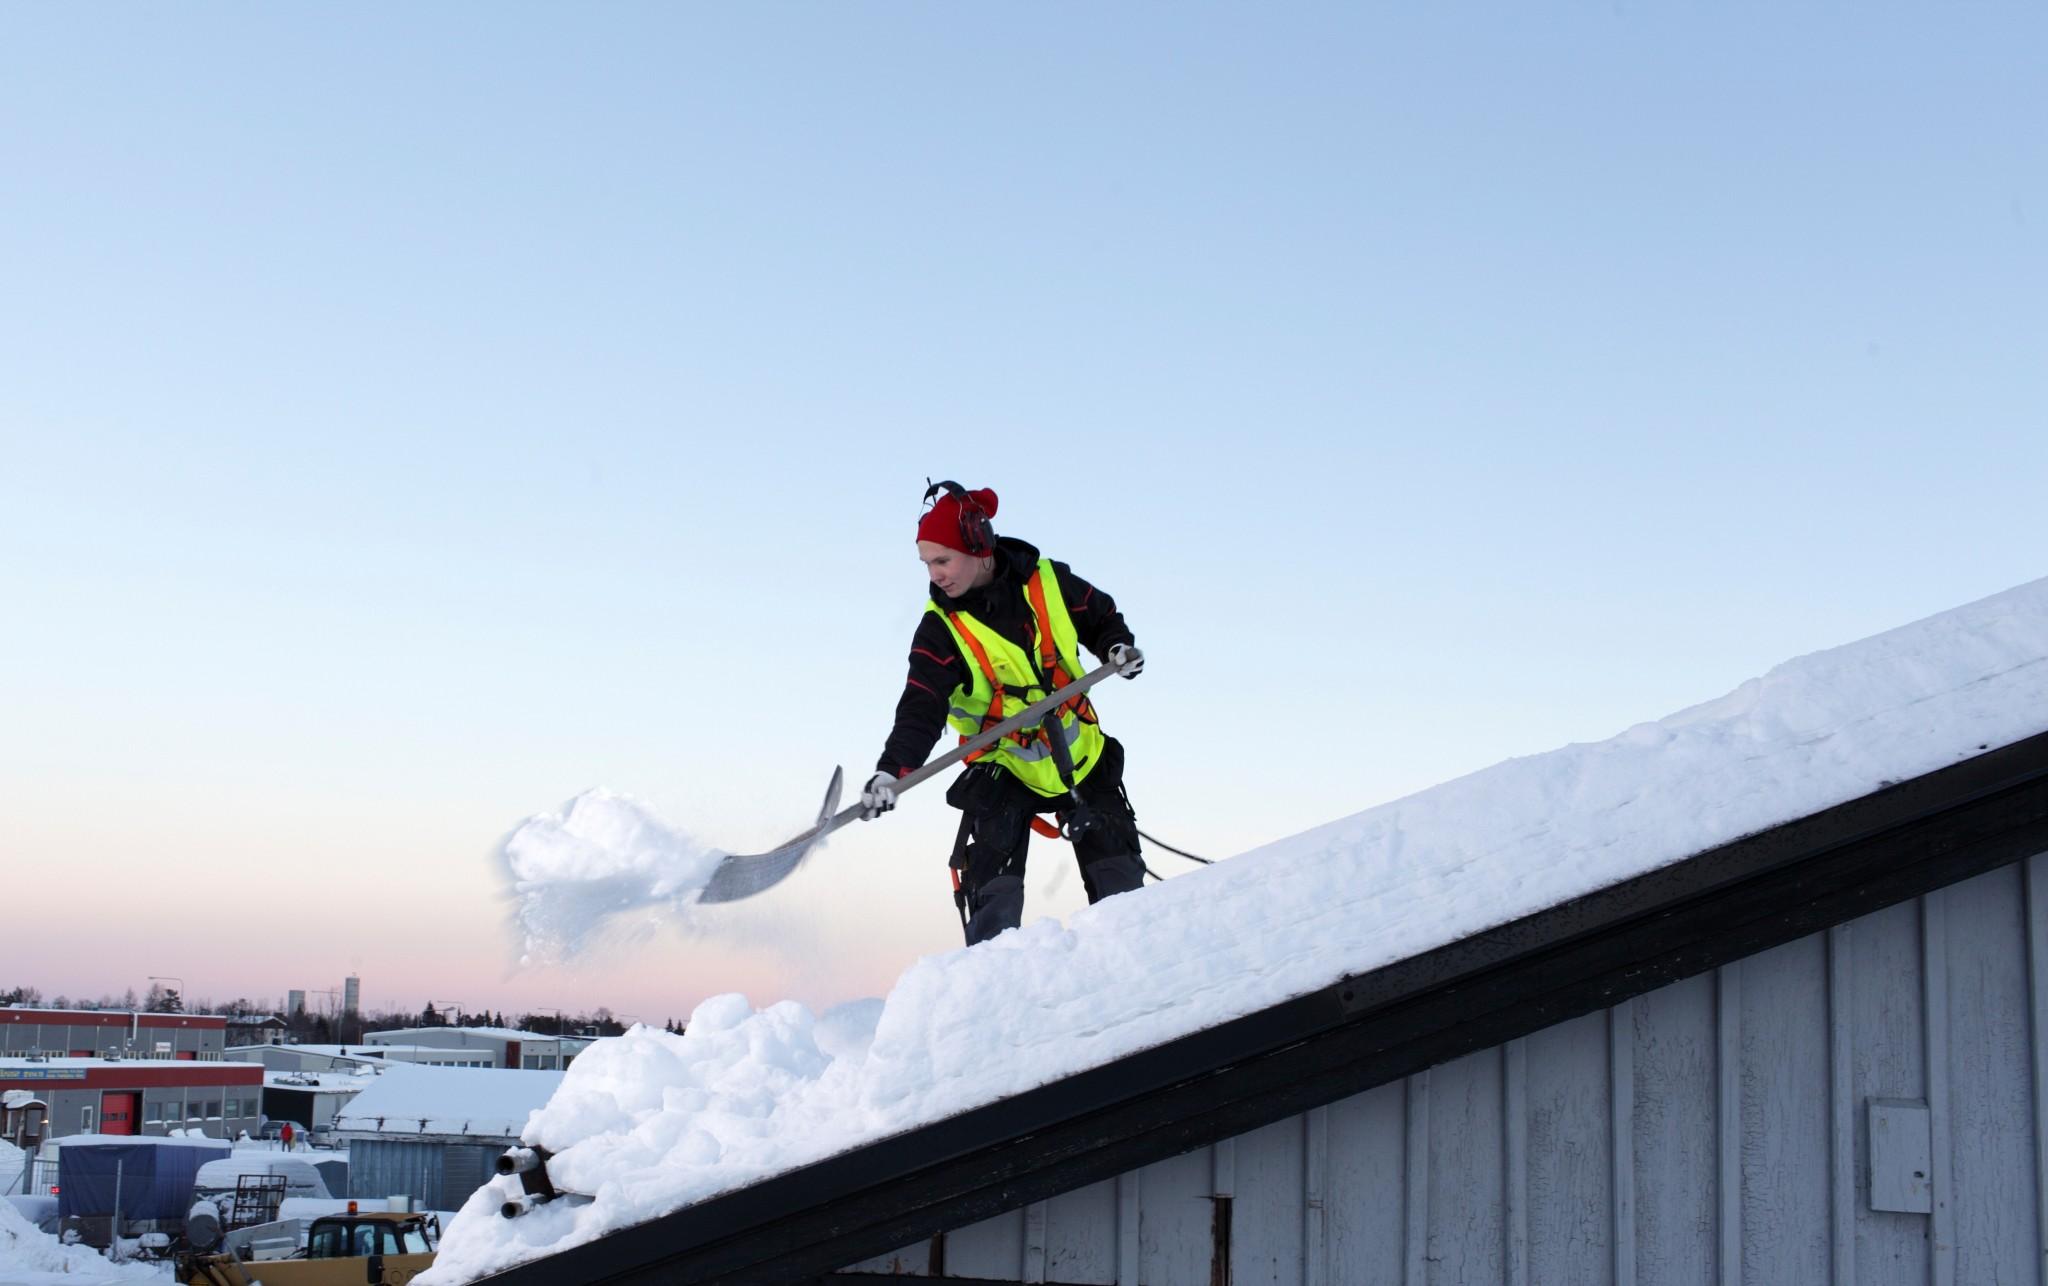 Snöskottning tak